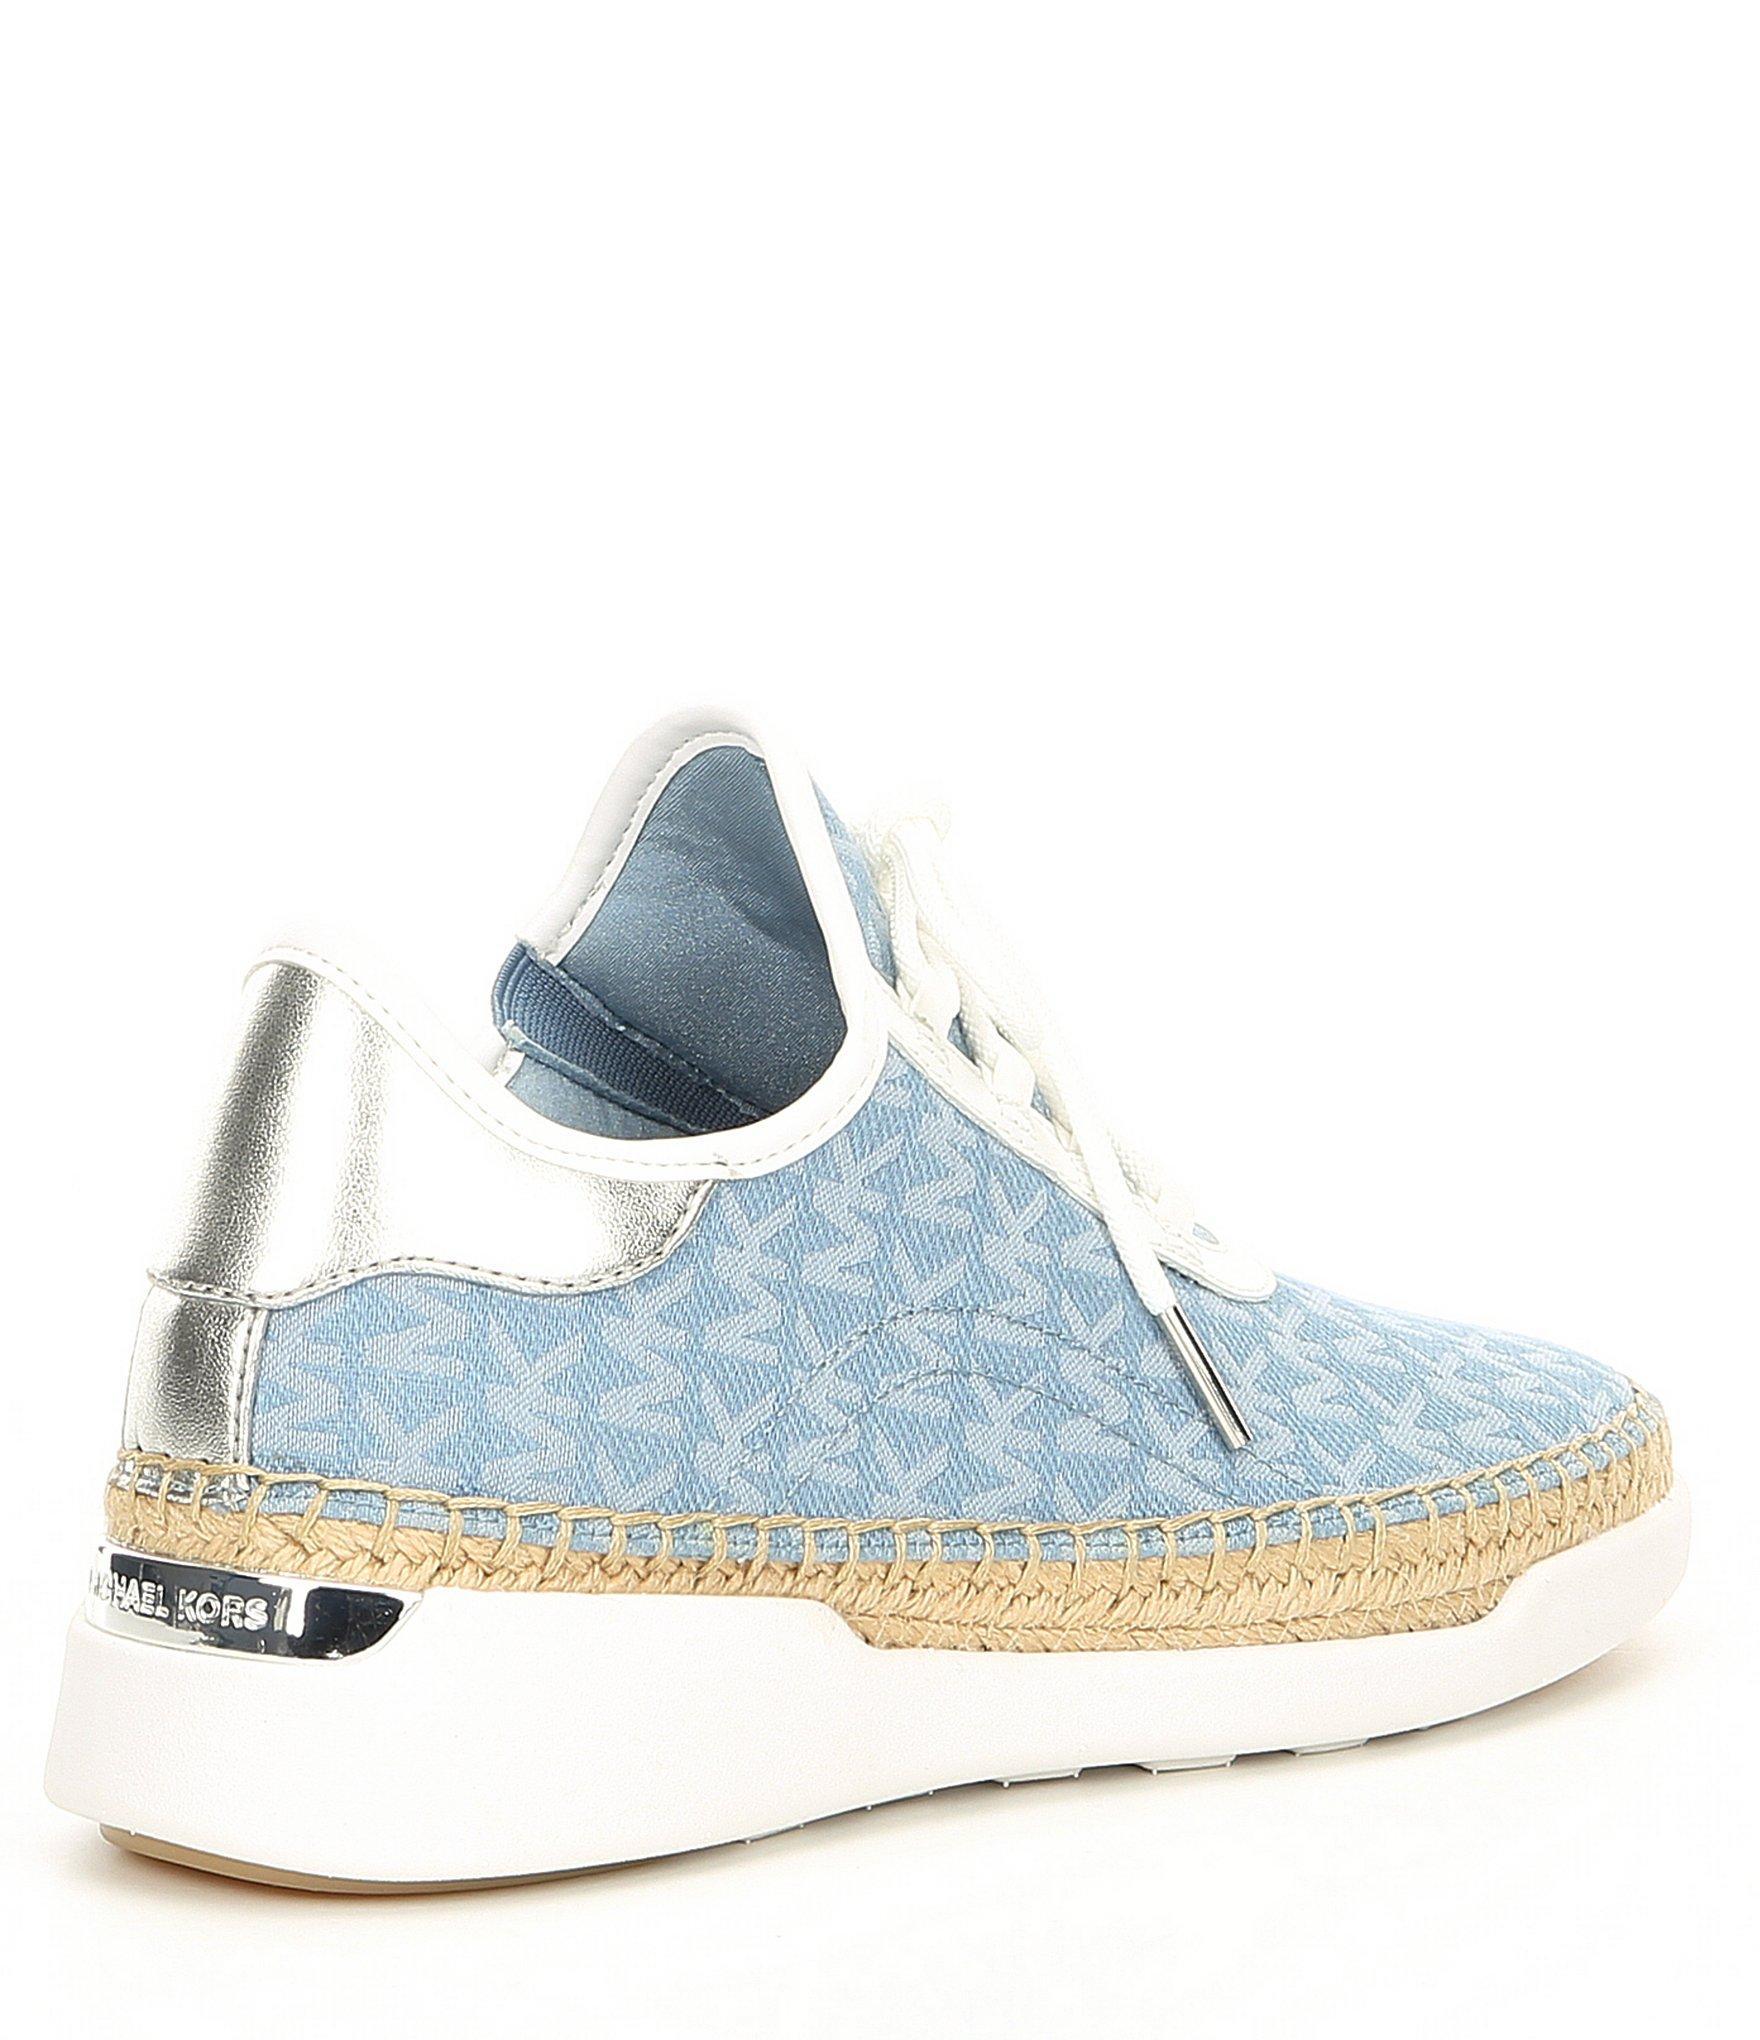 d31e8c19c5d MICHAEL Michael Kors Blue Finch Lace Up Shoes